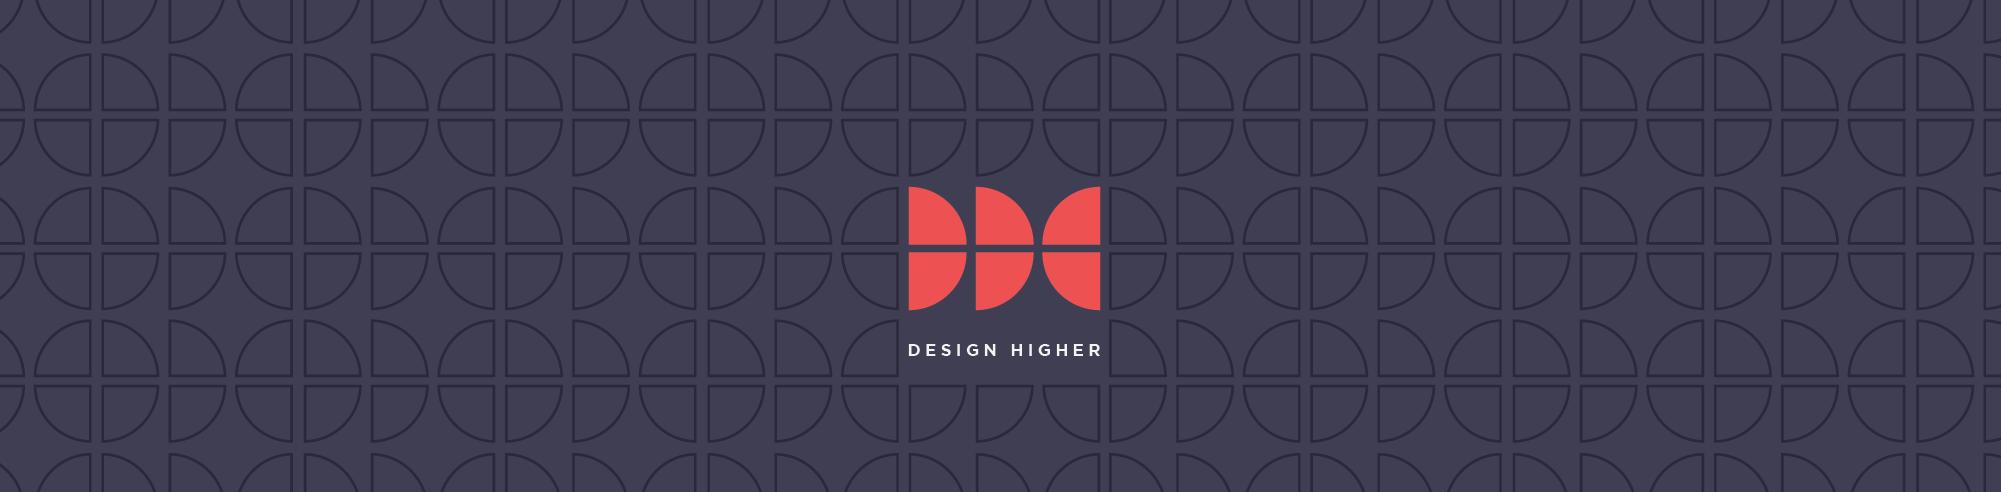 Design-Higer-patterns.jpg